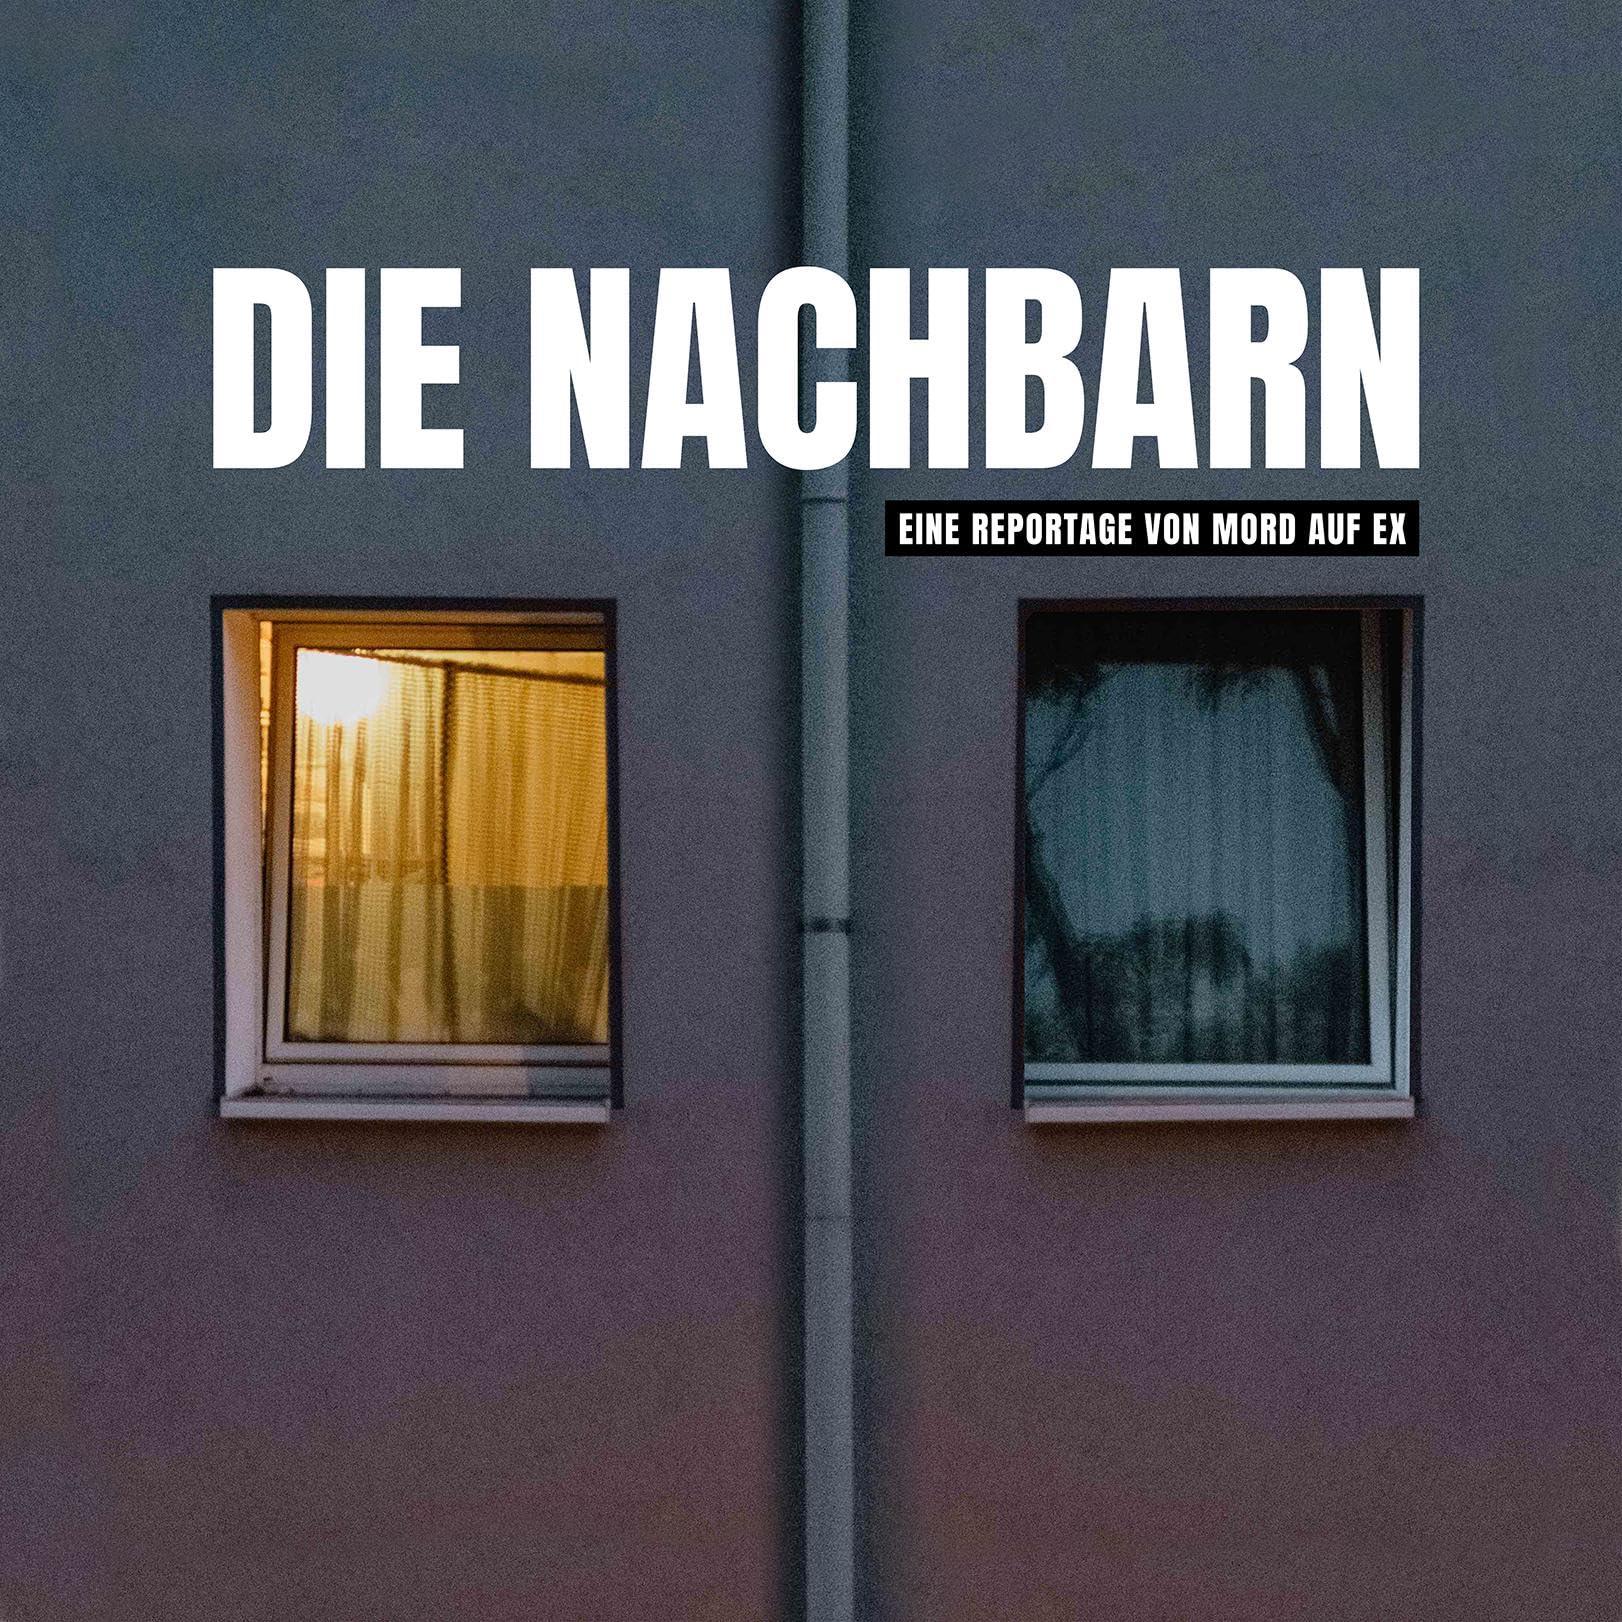 Die Nachbarn - Eine Reportage von Mord auf Ex